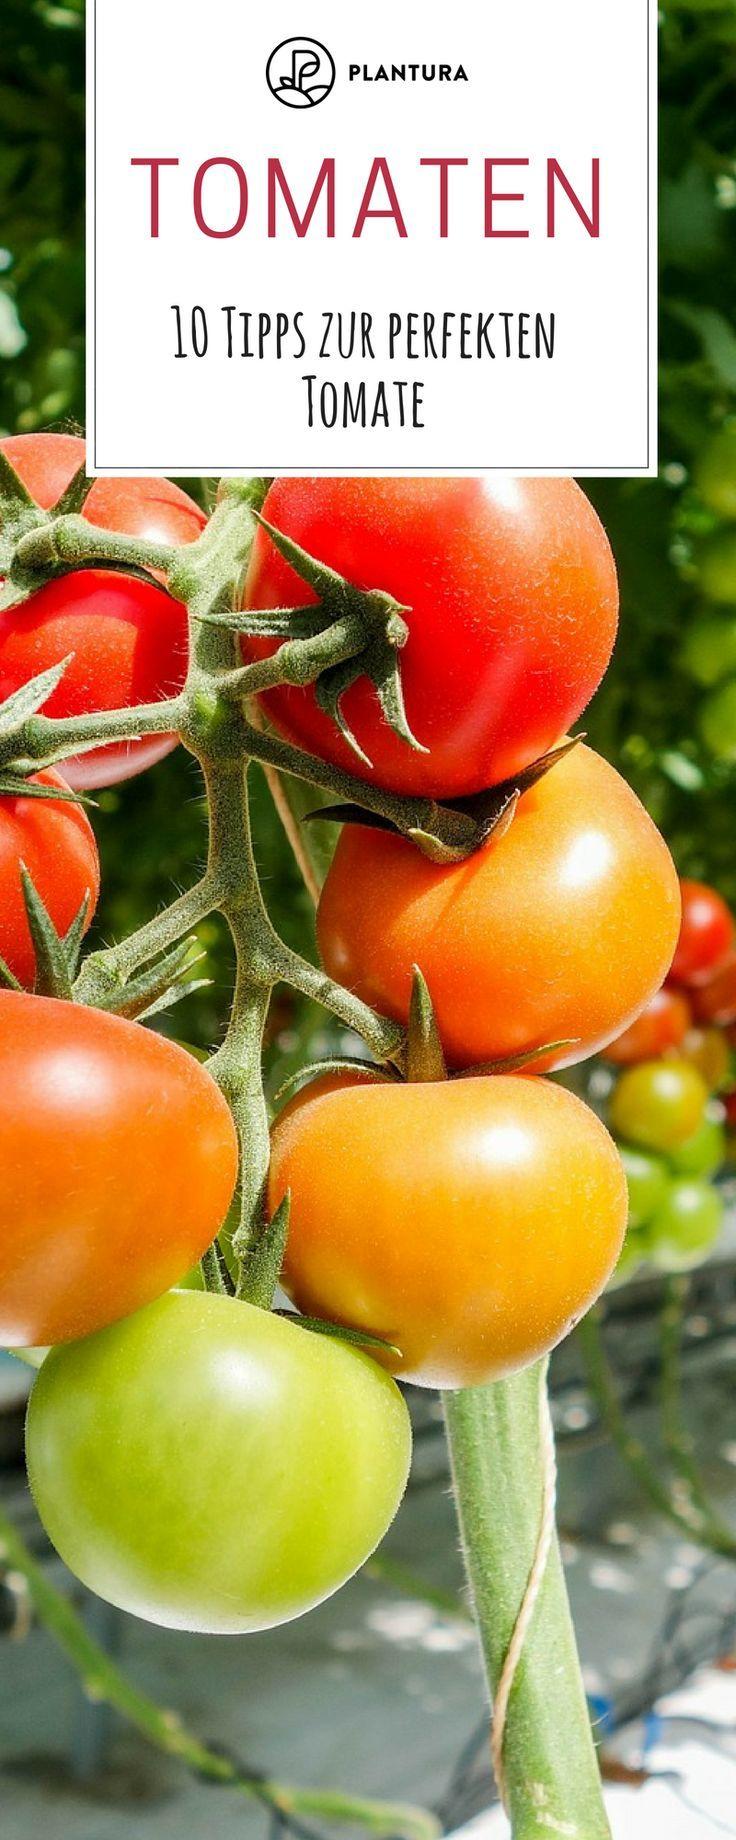 10 Tipps zur perfekten Tomate aus dem eigenen Garten #tomatenpflanzen